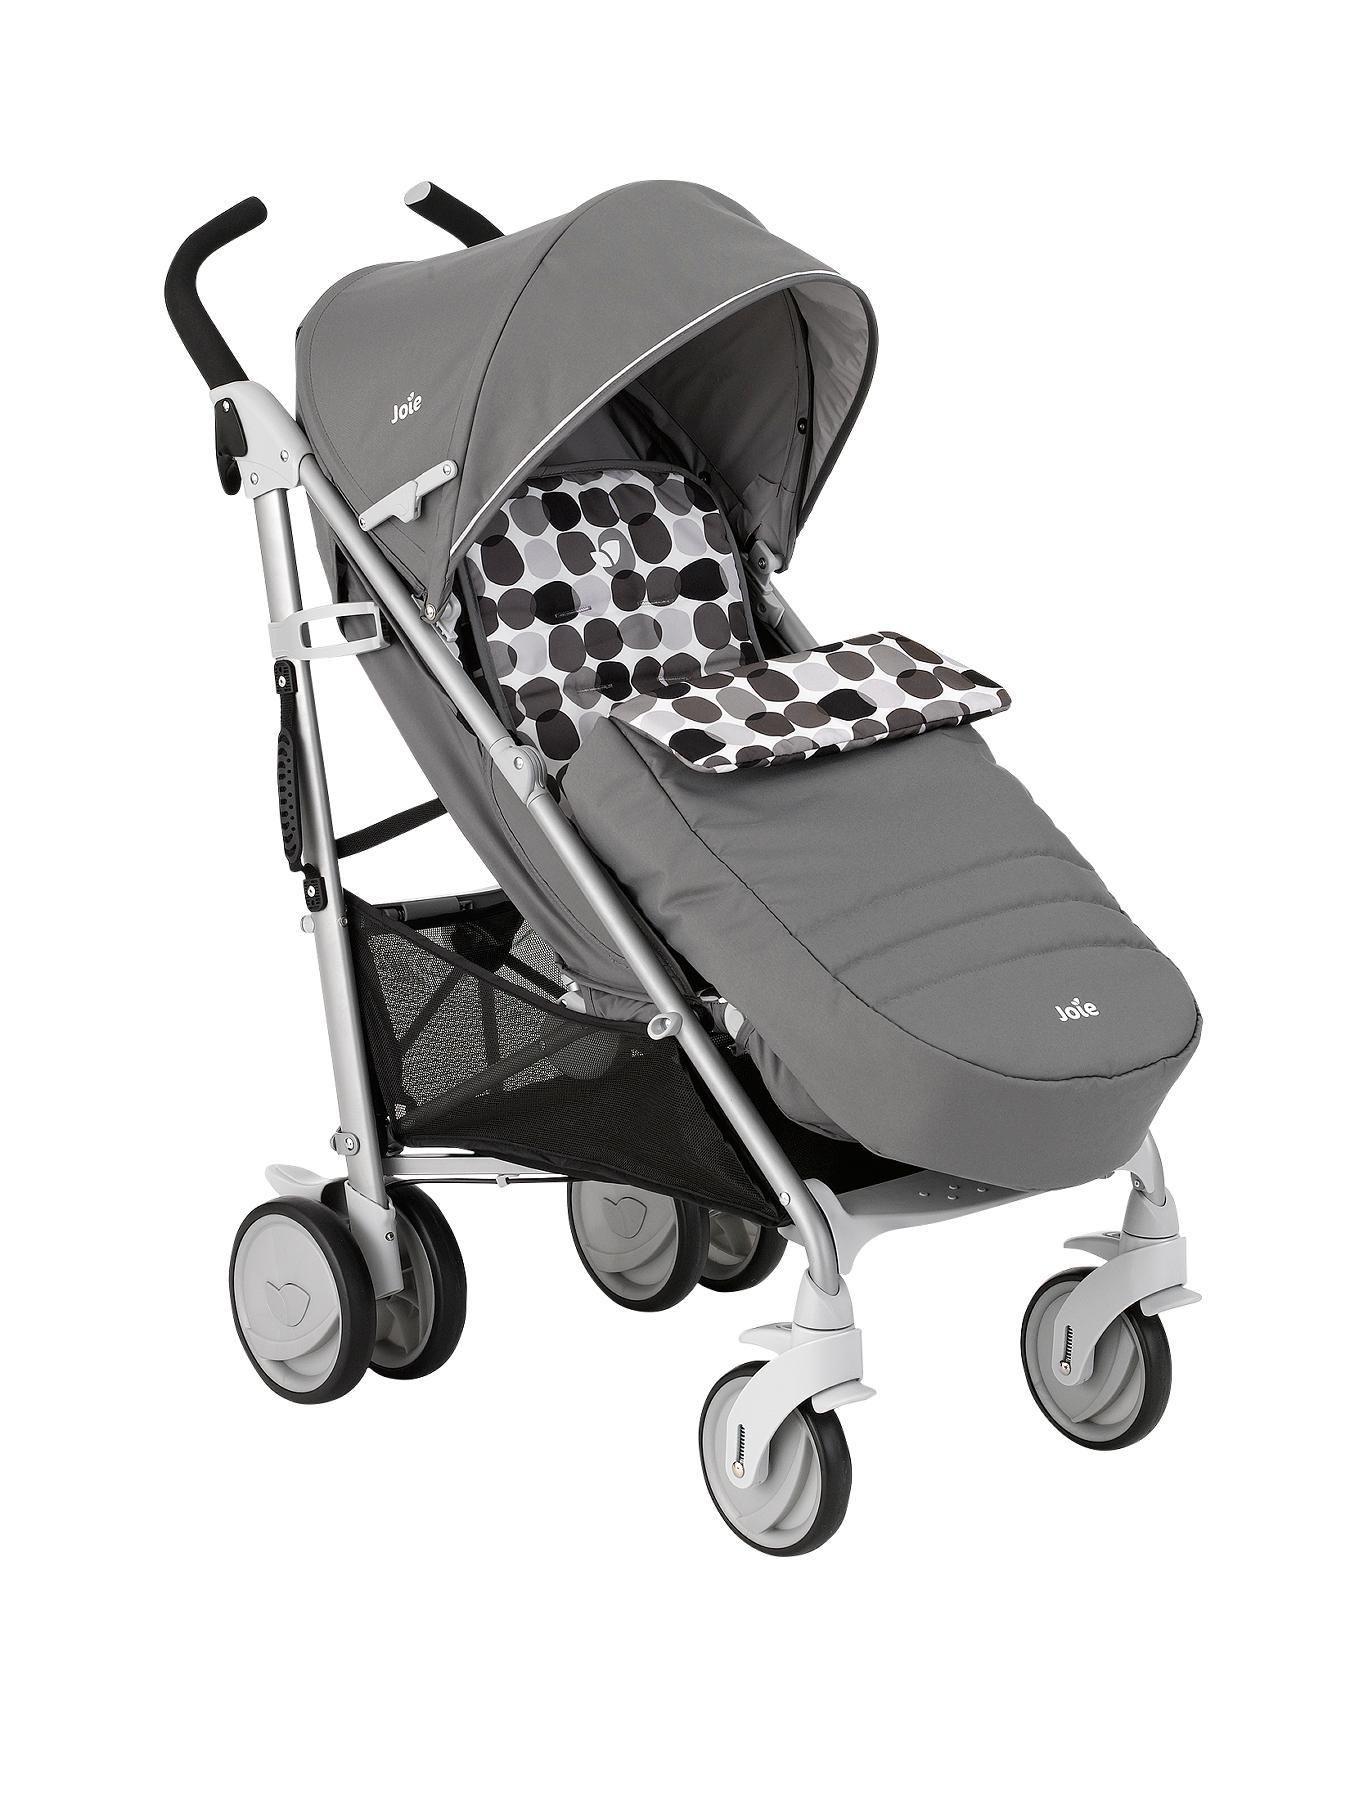 41++ Joie brisk stroller footmuff information